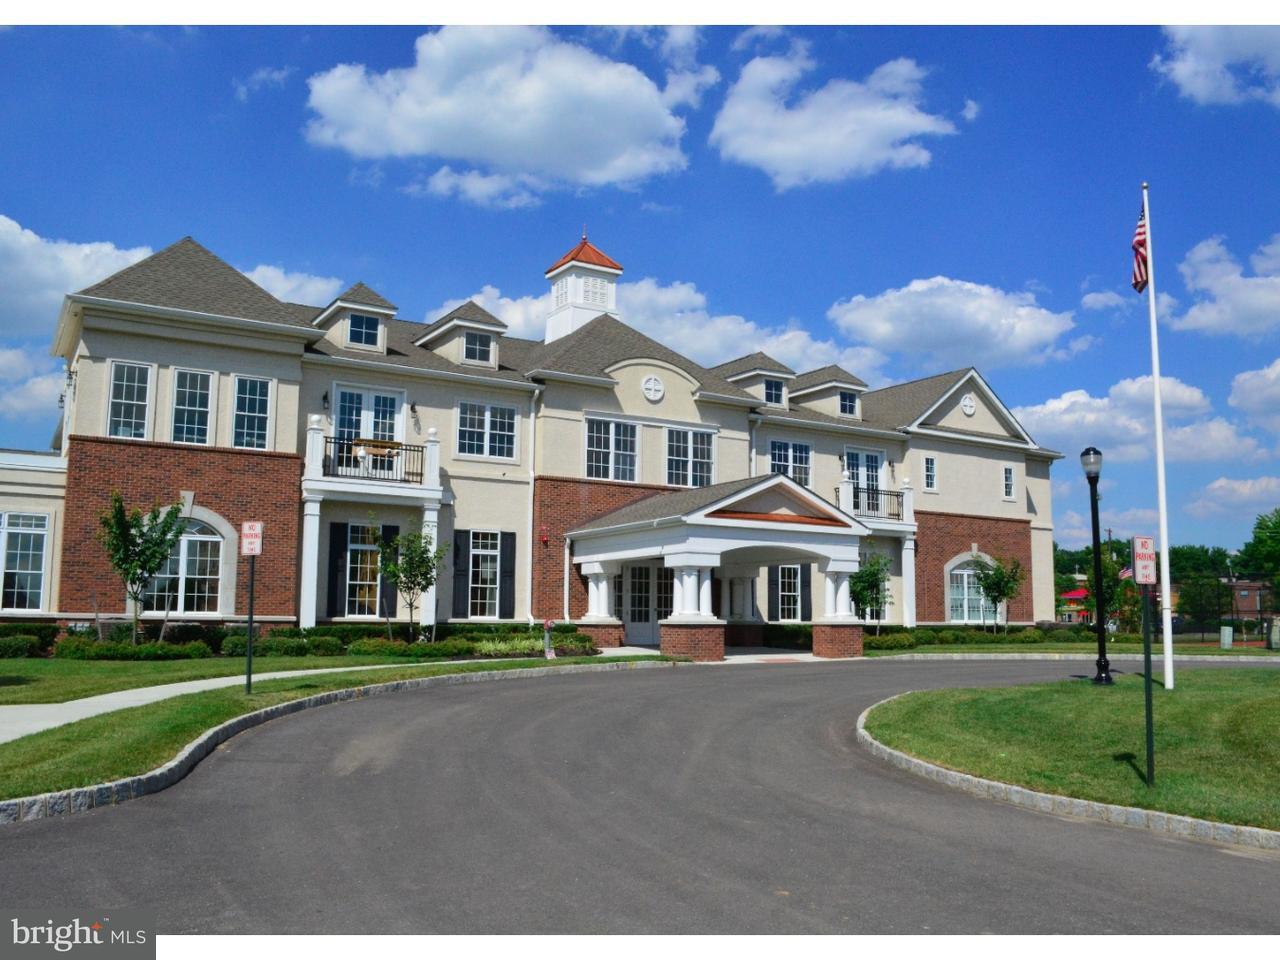 独户住宅 为 出租 在 420 CITATION LN #420 Cherry Hill, 新泽西州 08002 美国